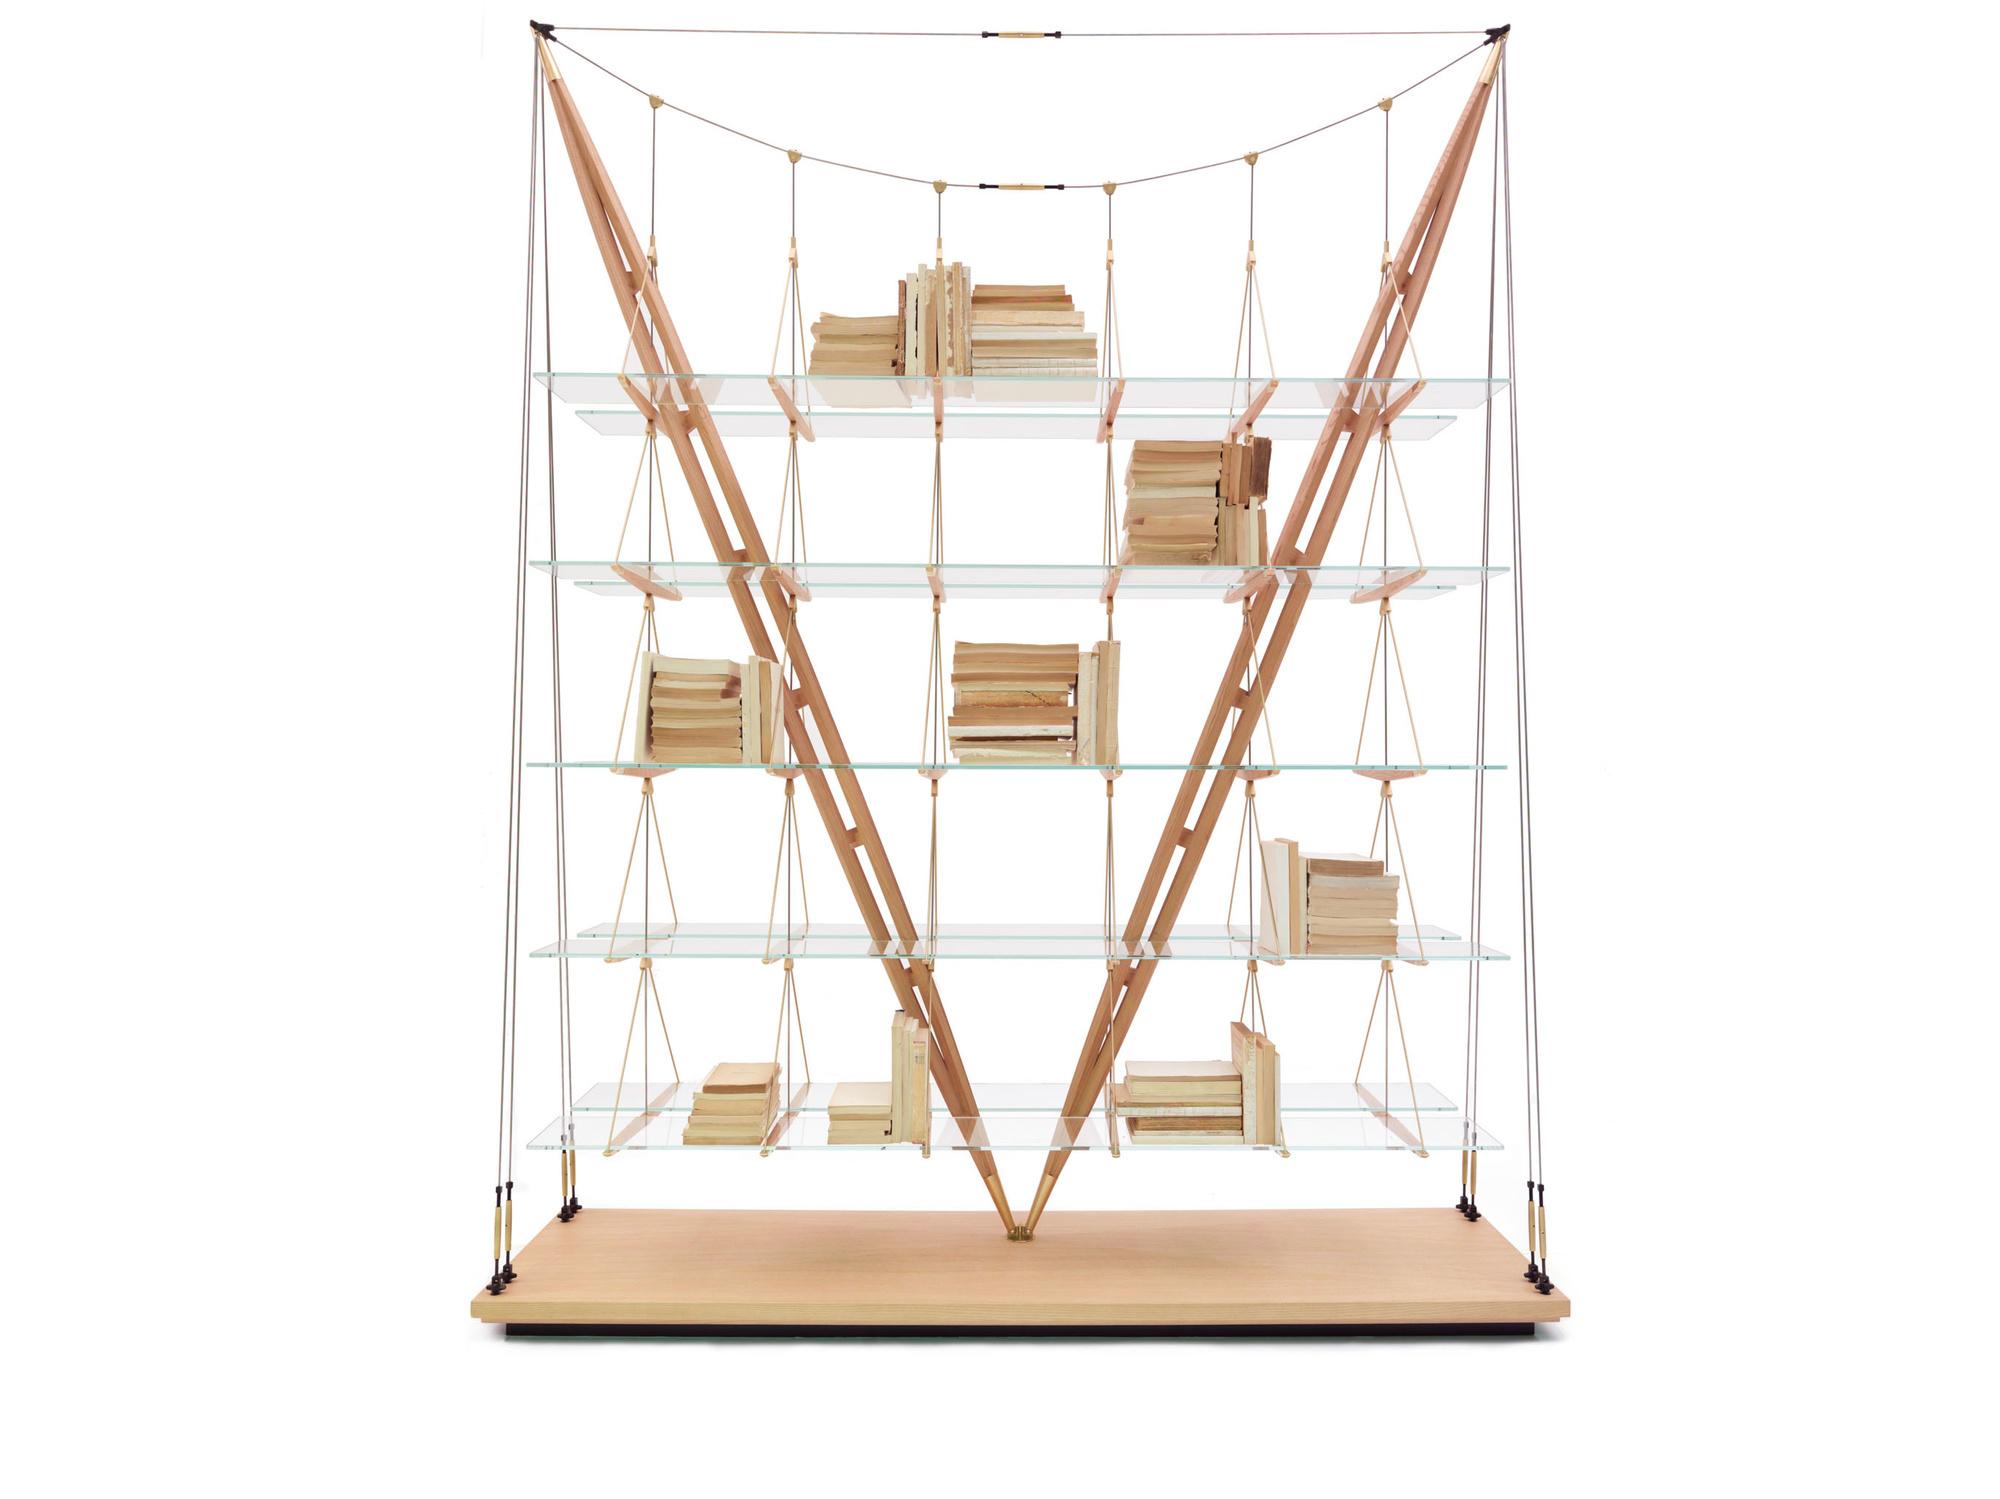 Franco Albini, bibliothèque Veliero, 1940-2011, Cassina, Le mobilier d'architectes, 1960-2020, © Cité de l'architecture, Denys Vinson photographe 2019